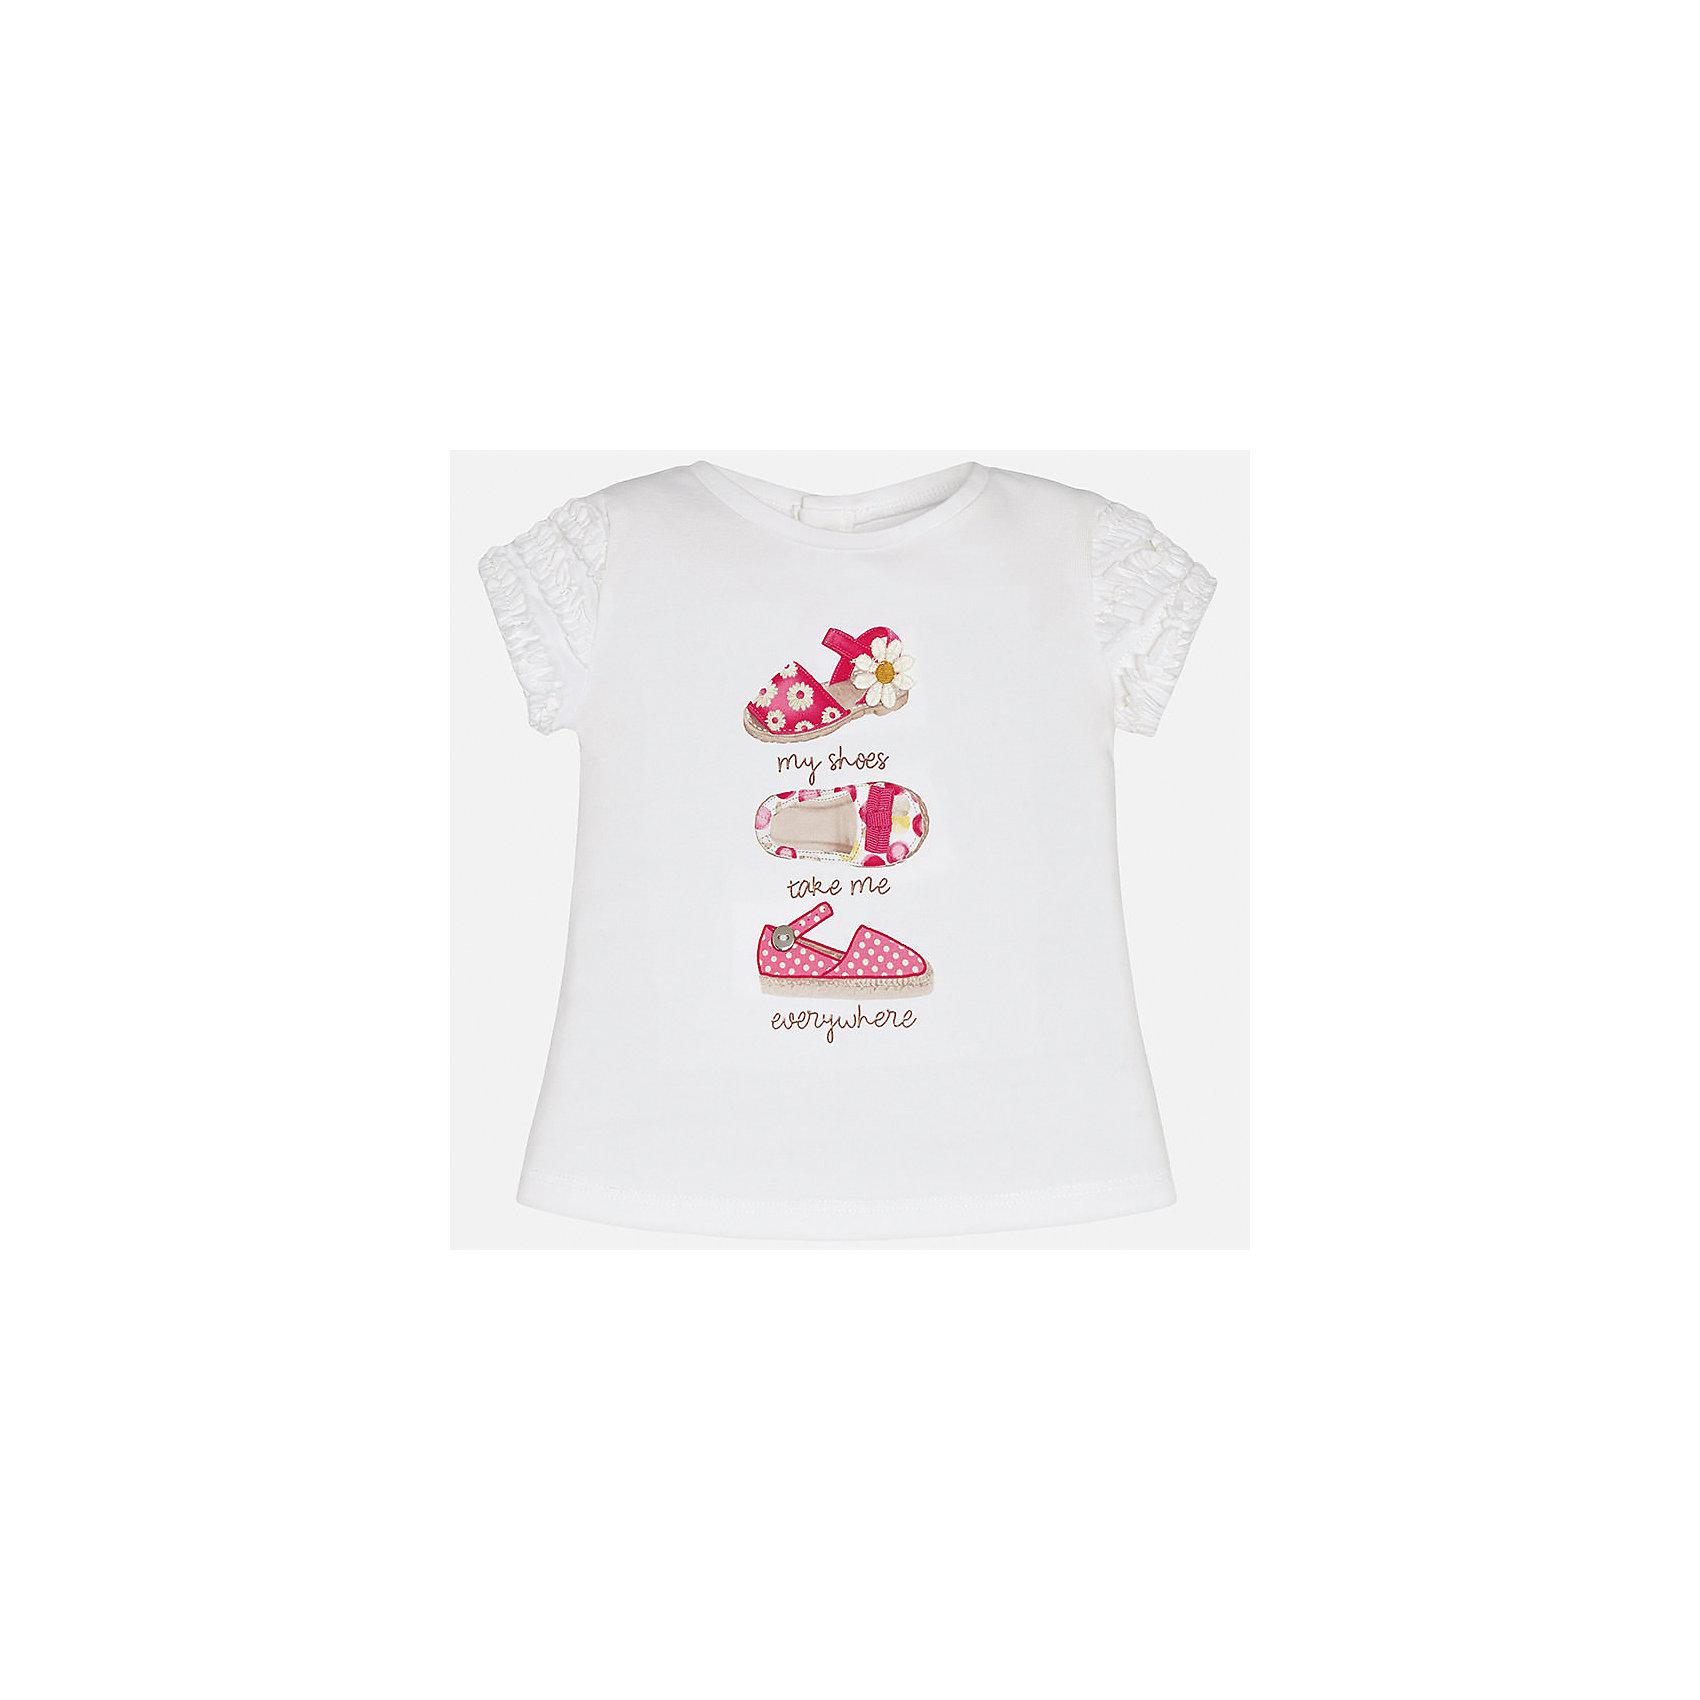 Футболка для девочки MayoralХарактеристики товара:<br><br>• цвет: белый<br>• состав: 92% хлопок, 8% эластан<br>• оборки на рукавах<br>• сзади кнопки<br>• короткие рукава<br>• принт<br>• страна бренда: Испания<br><br>Стильная качественная футболка для девочки поможет разнообразить гардероб ребенка и украсить наряд. Она отлично сочетается и с юбками, и с шортами, и с брюками. Универсальный цвет позволяет подобрать к вещи низ практически любой расцветки. Интересная отделка модели делает её нарядной и оригинальной. В составе ткани преобладает натуральный хлопок, гипоаллергенный, приятный на ощупь, дышащий.<br><br>Одежда, обувь и аксессуары от испанского бренда Mayoral полюбились детям и взрослым по всему миру. Модели этой марки - стильные и удобные. Для их производства используются только безопасные, качественные материалы и фурнитура. Порадуйте ребенка модными и красивыми вещами от Mayoral! <br><br>Футболку для девочки от испанского бренда Mayoral (Майорал) можно купить в нашем интернет-магазине.<br><br>Ширина мм: 199<br>Глубина мм: 10<br>Высота мм: 161<br>Вес г: 151<br>Цвет: розовый<br>Возраст от месяцев: 6<br>Возраст до месяцев: 9<br>Пол: Женский<br>Возраст: Детский<br>Размер: 74,92,80,86<br>SKU: 5288781